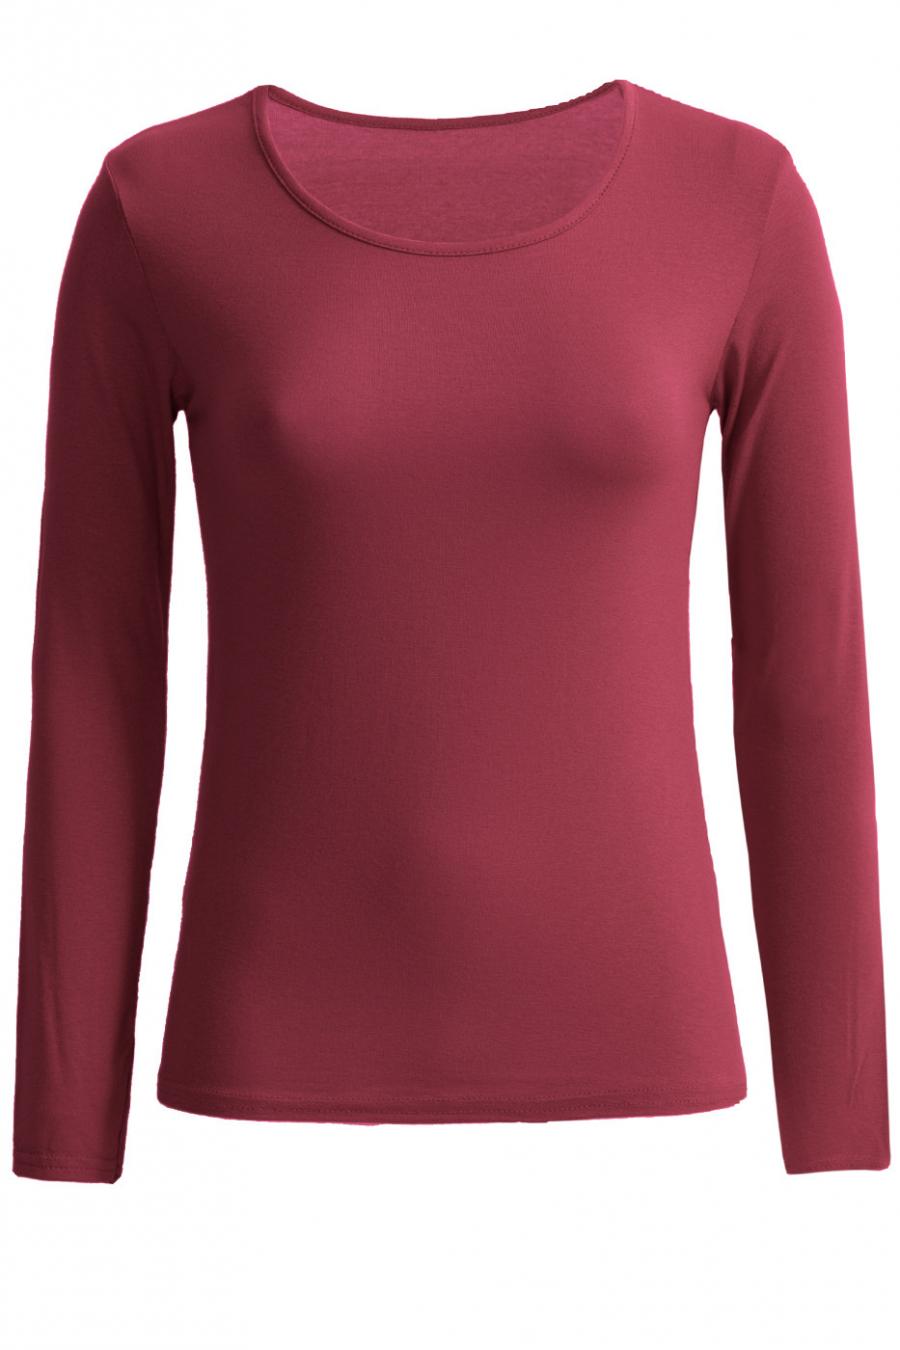 Sous-pull bordeaux à col rond très tendance. Vêtement femme pas cher.